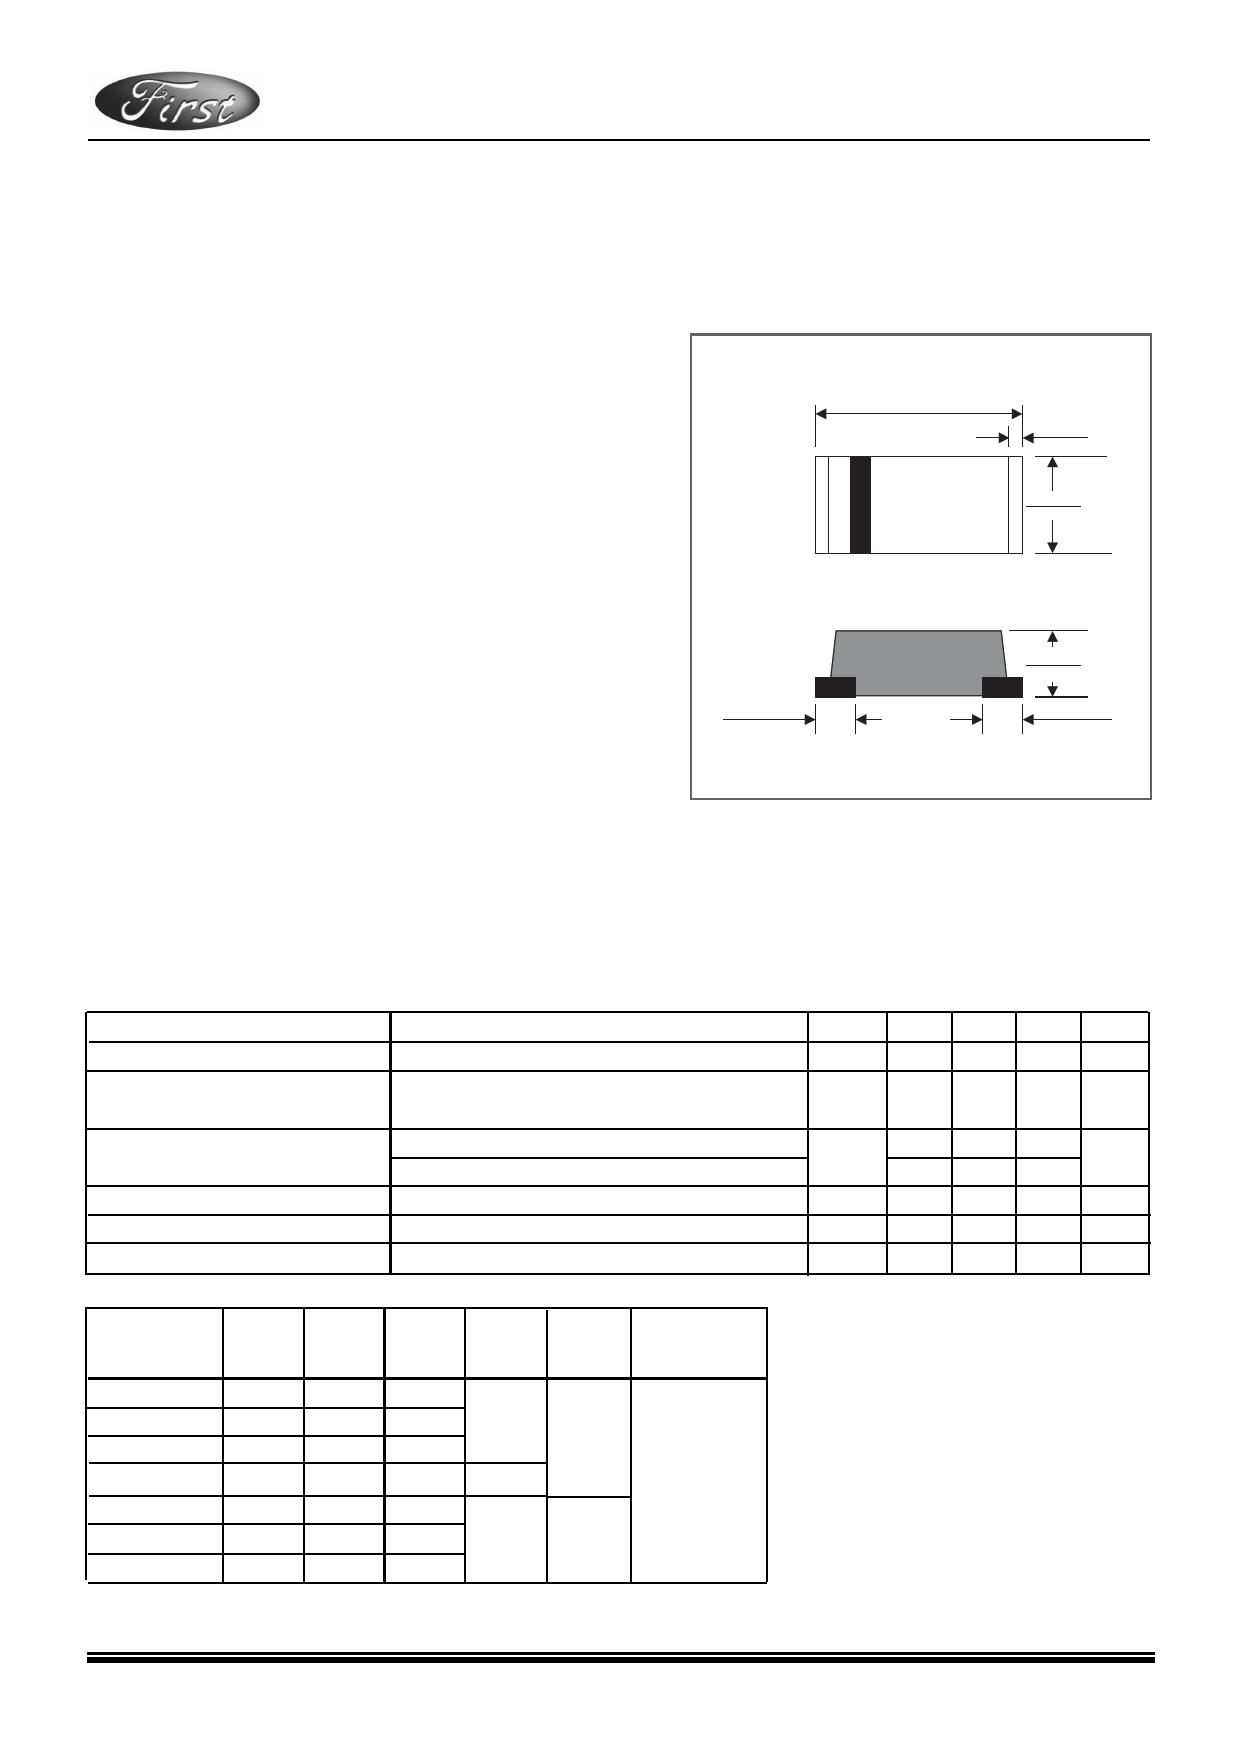 MURA260BG Datasheet